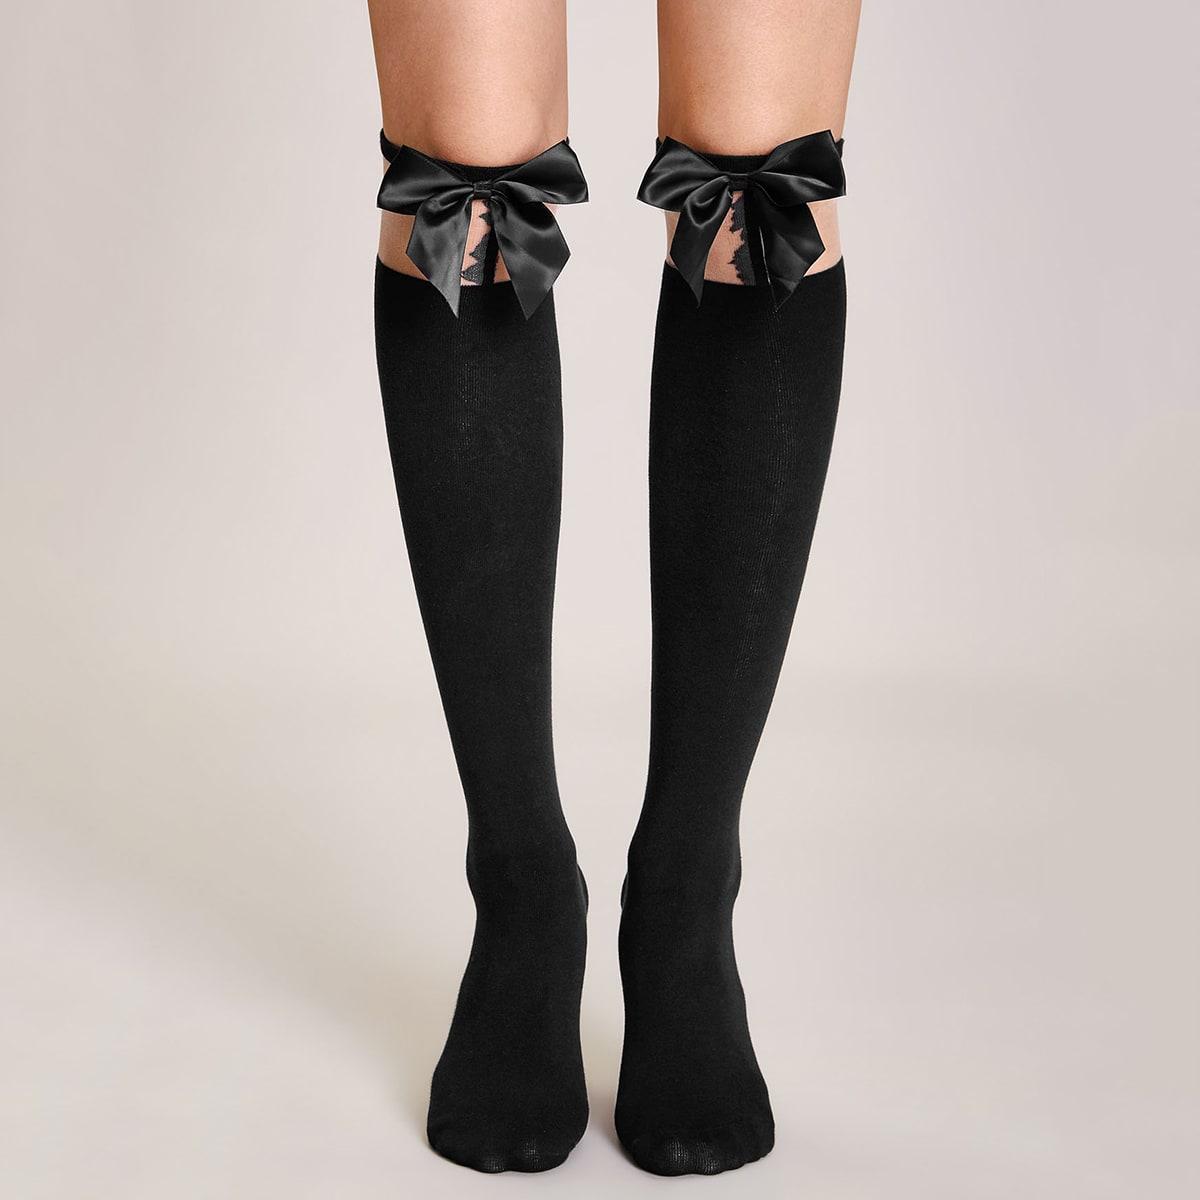 Длинные носки с бантом 1 пара